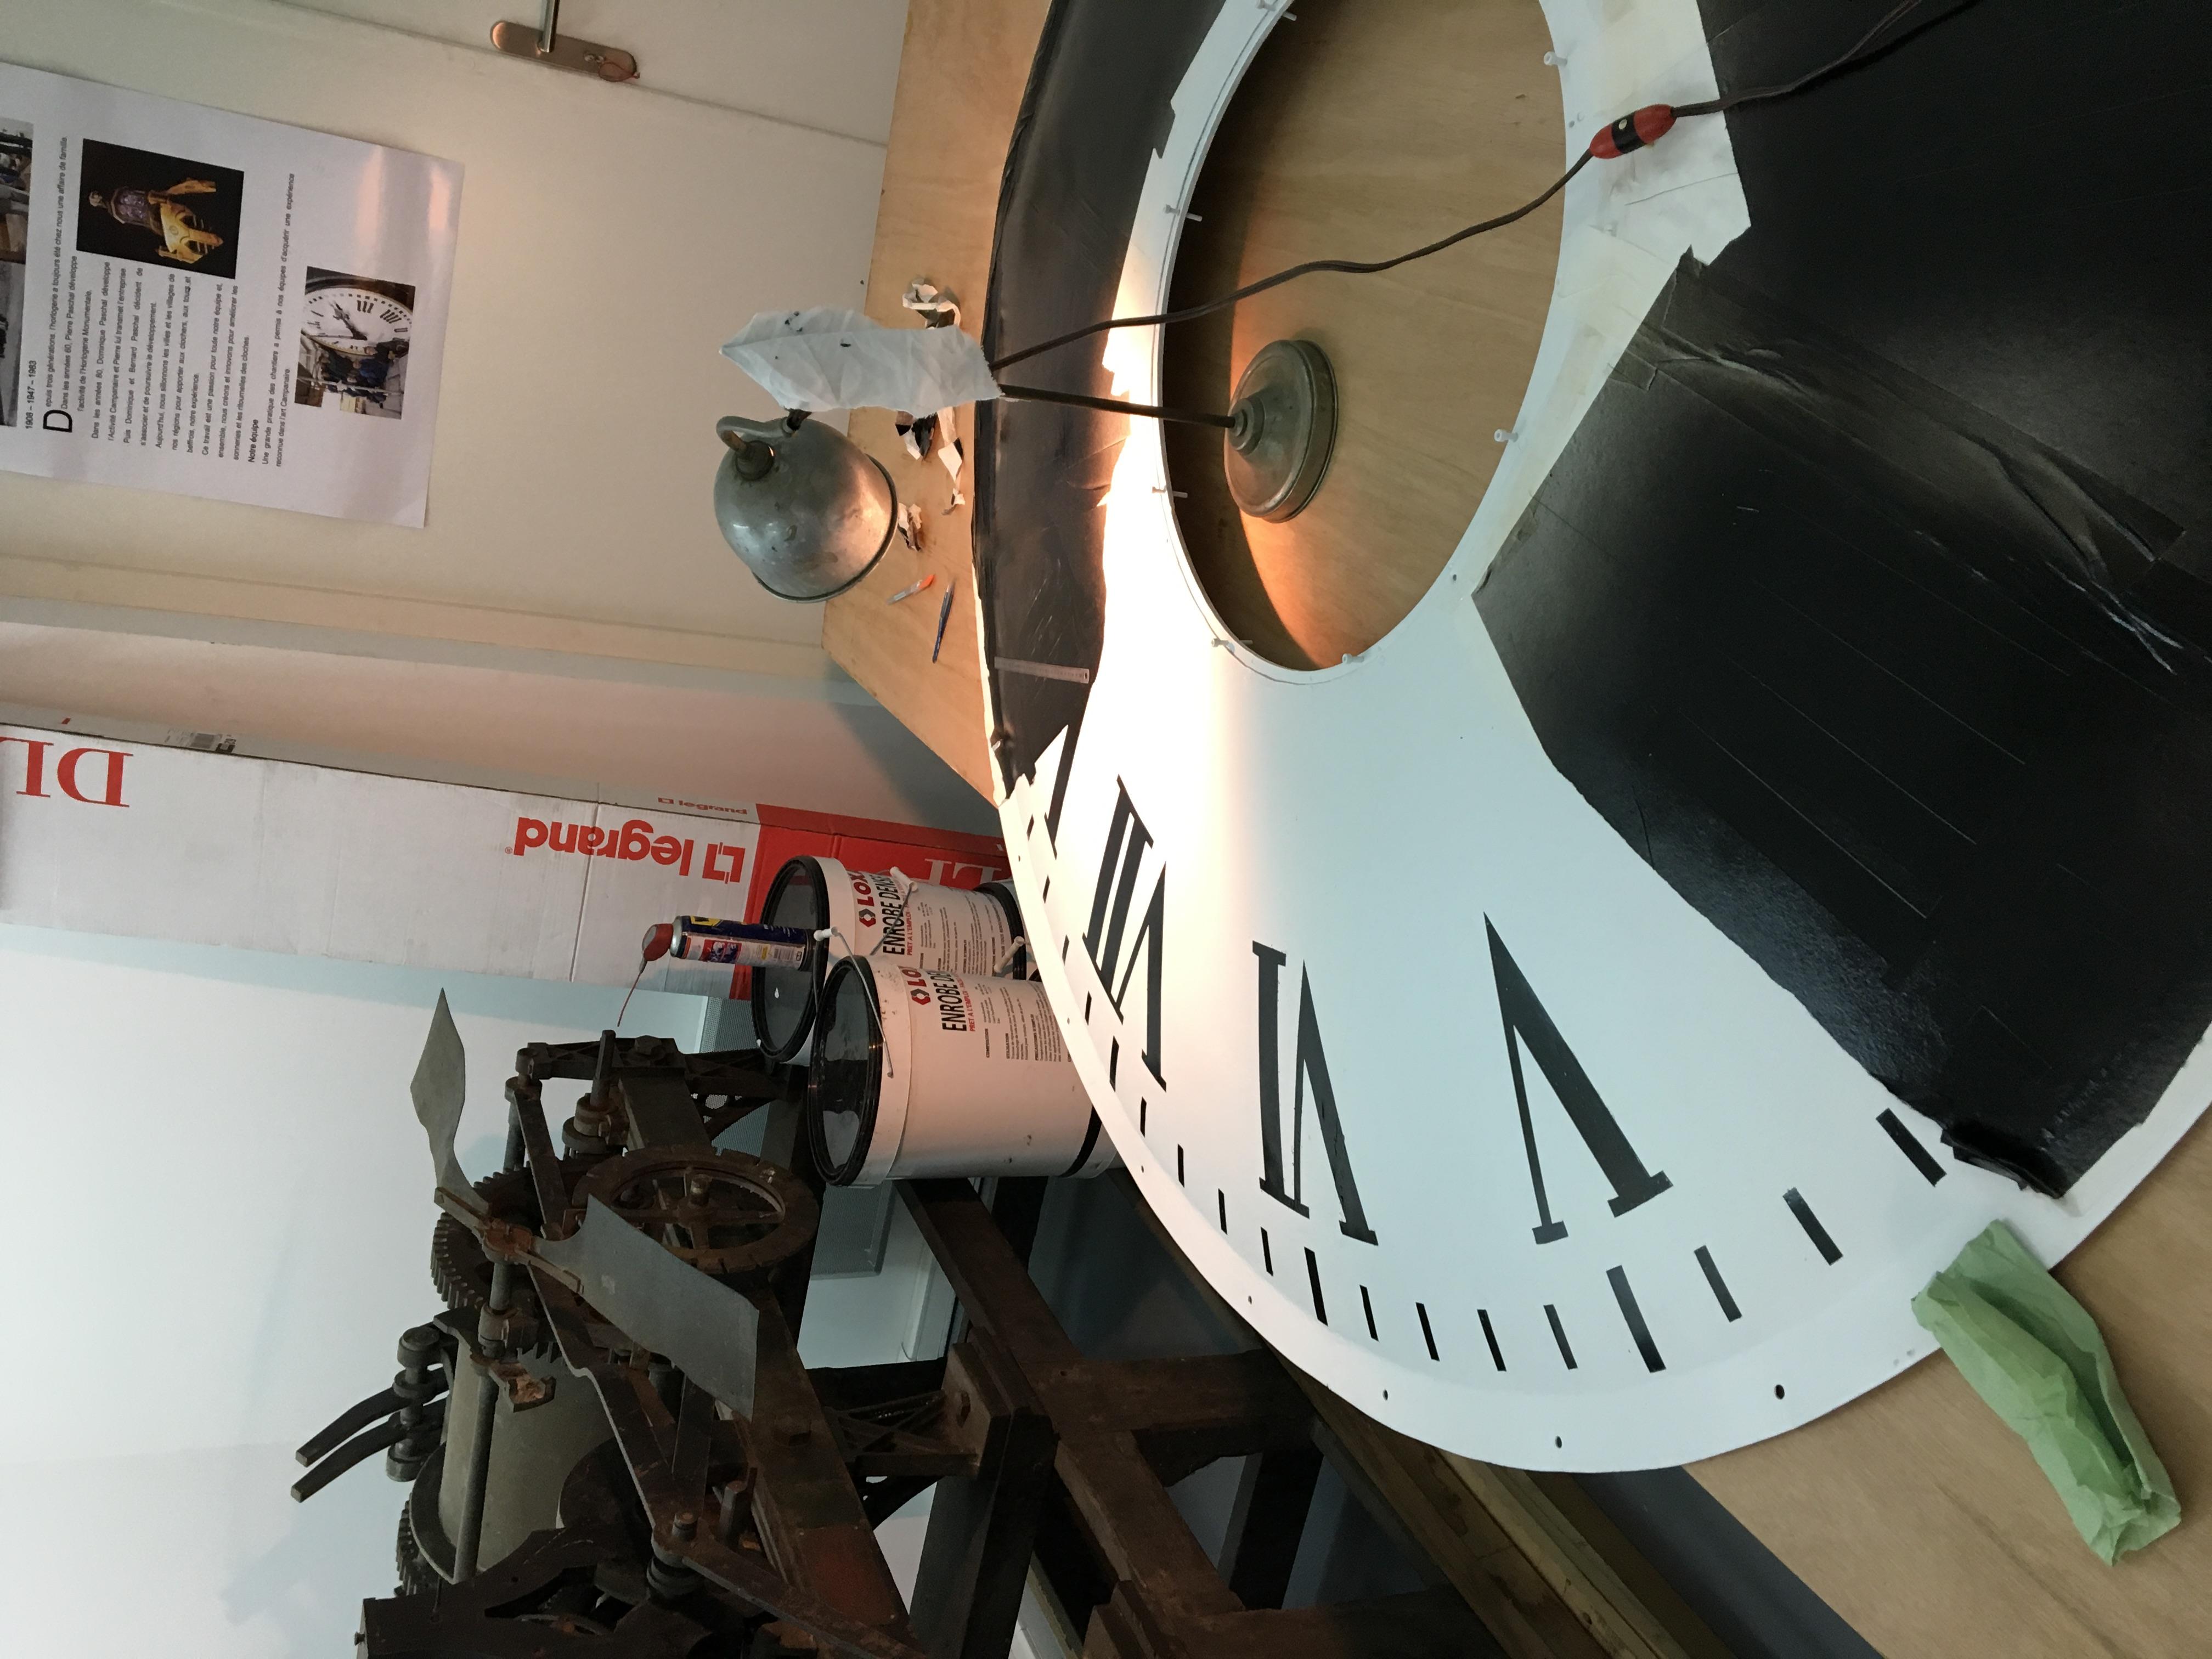 L'horloge de Saint-Louis en l'île est enfin de retour